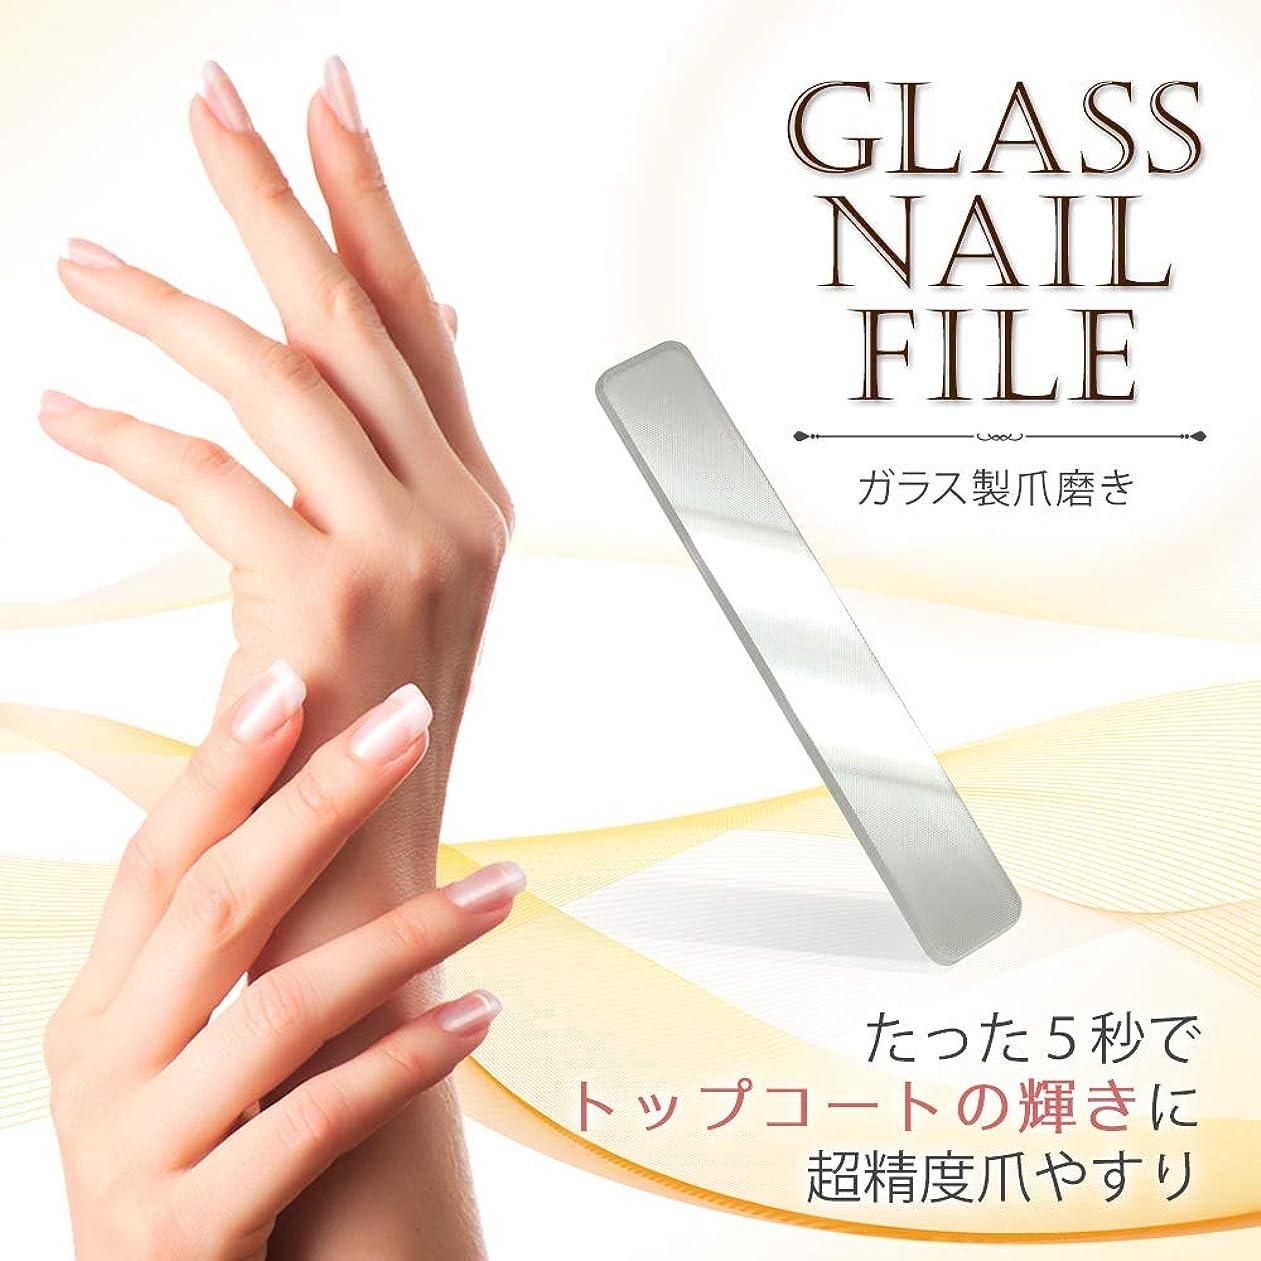 落胆したアクセシブル横5秒で実感 Glass Nail File (ガラス製 爪やすり 爪みがき つめみがき 爪磨き ネイルファイル ネイルシャイナー グラスシャイナー バッファー ネイルケア 爪ケア)